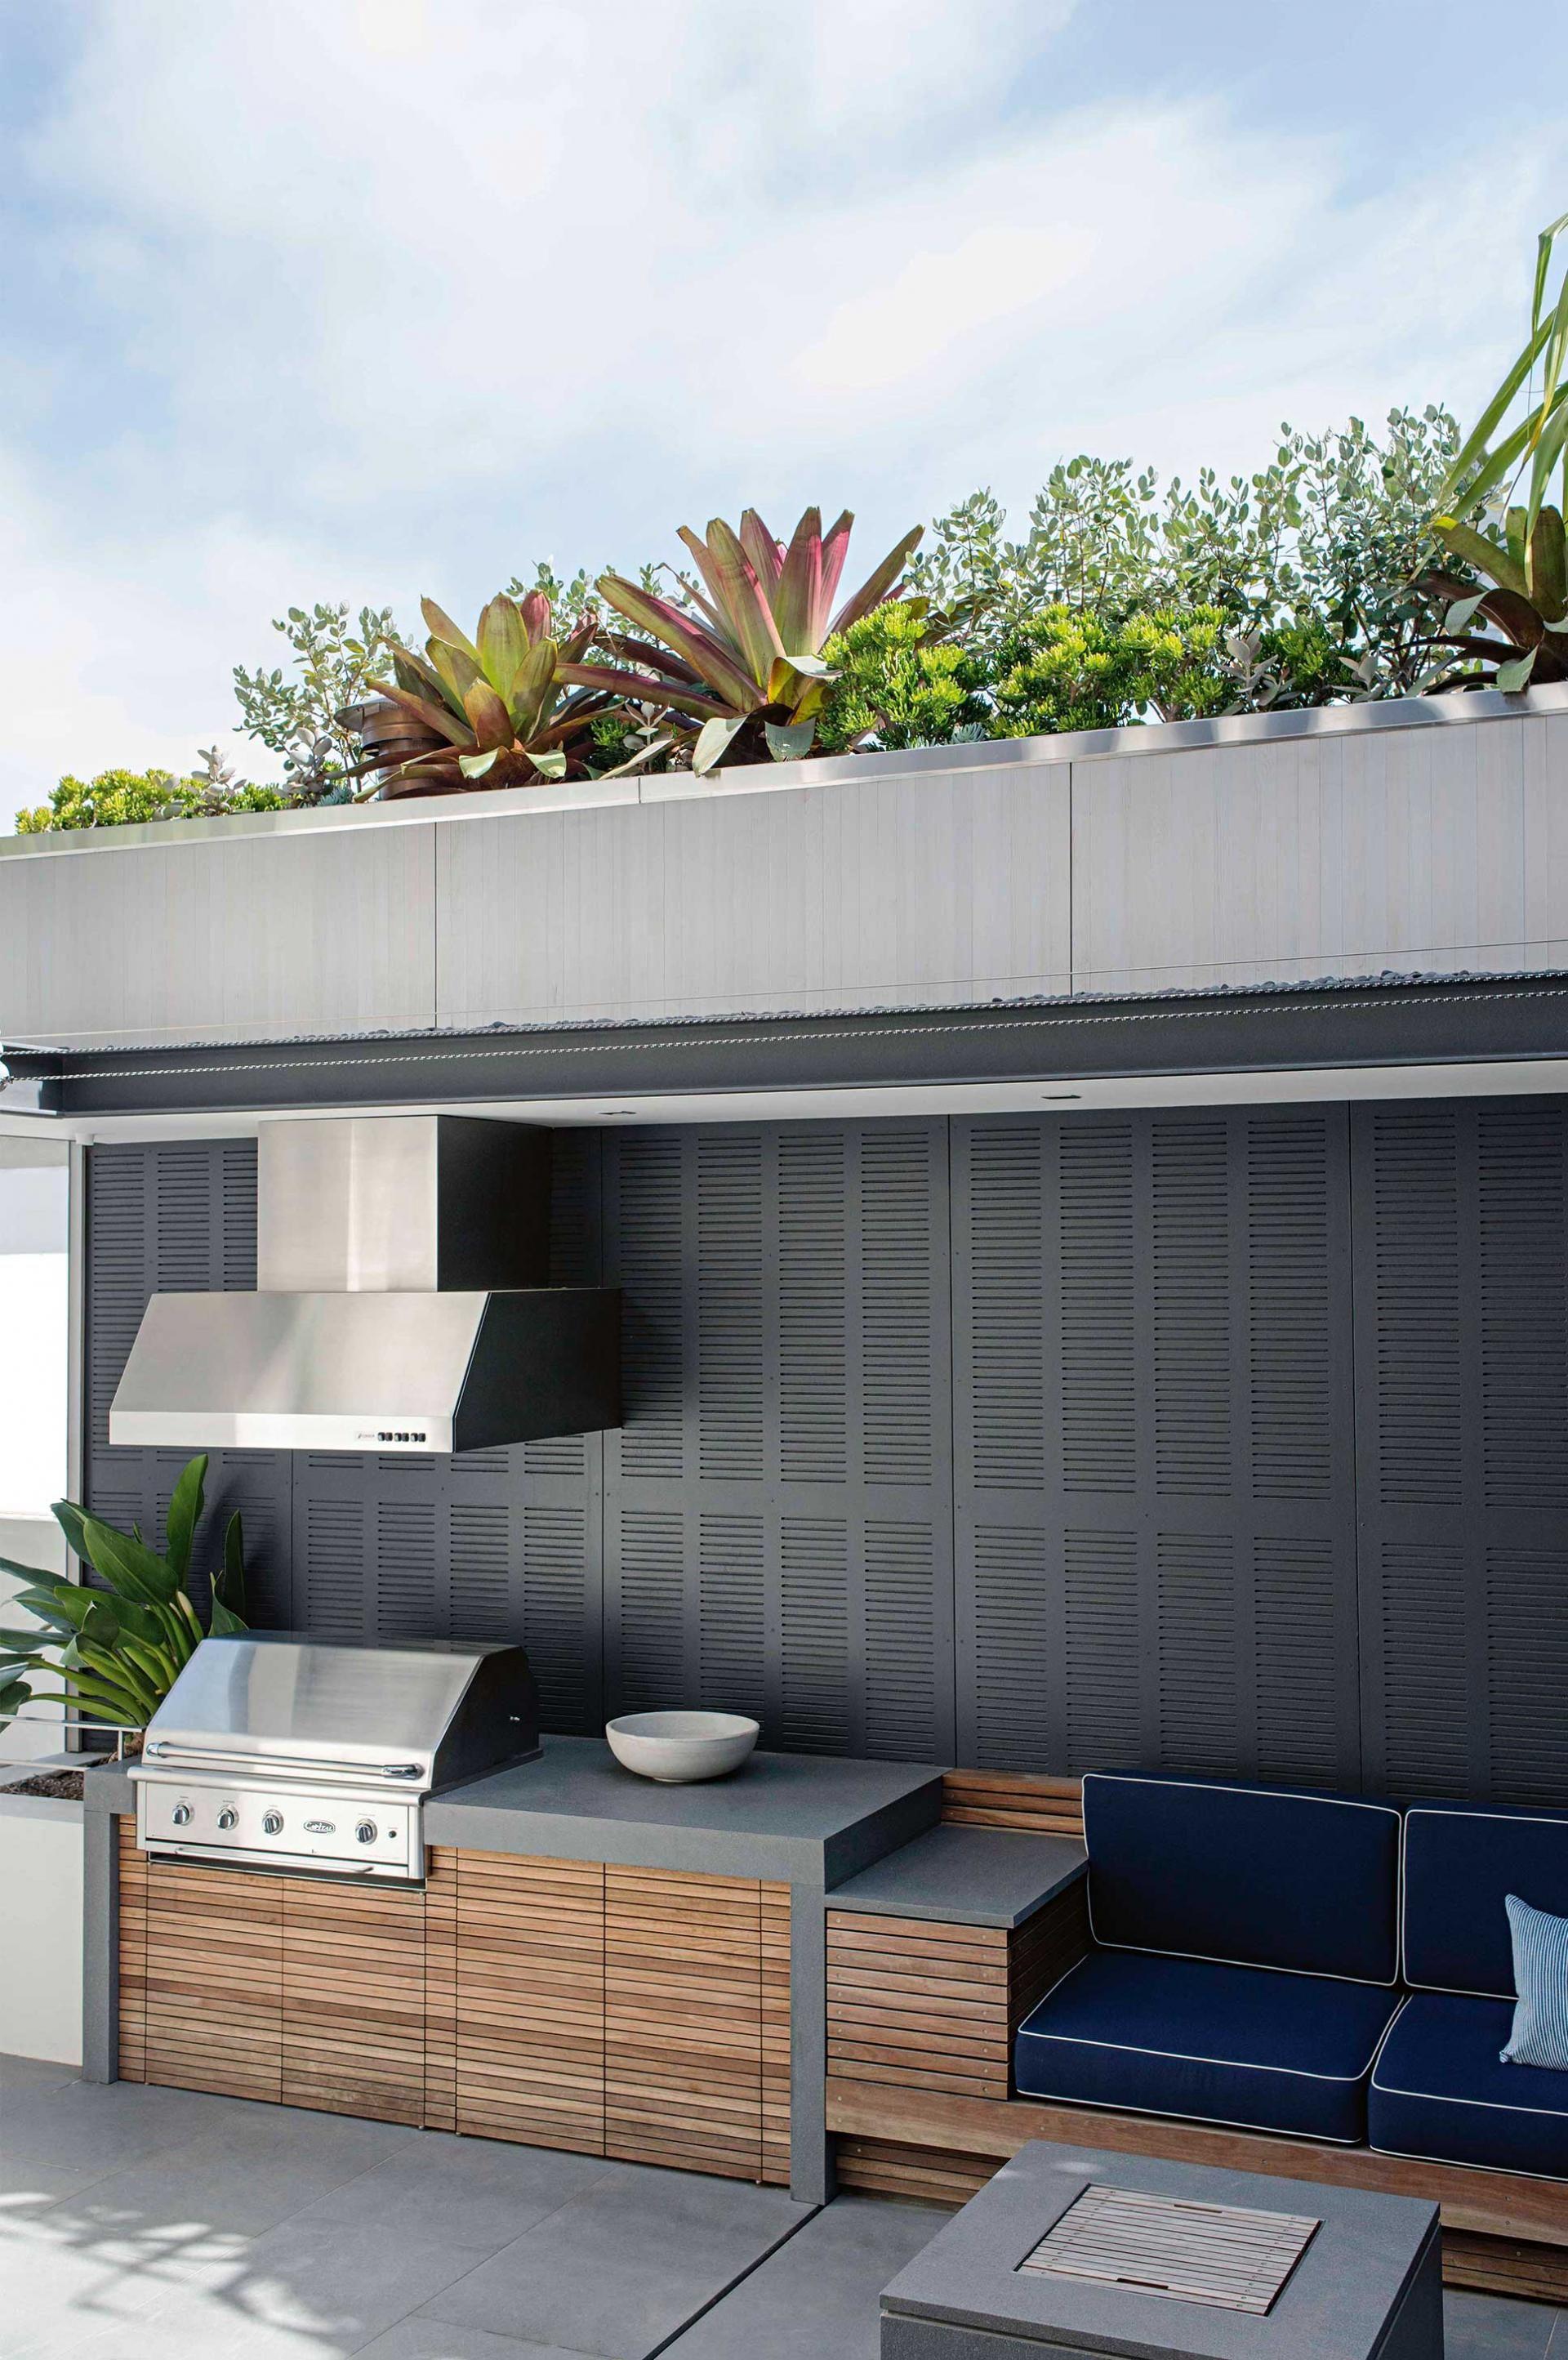 cuisine extrieure notre slection dnich sur pinterest - Photo Cuisine Exterieure Jardin